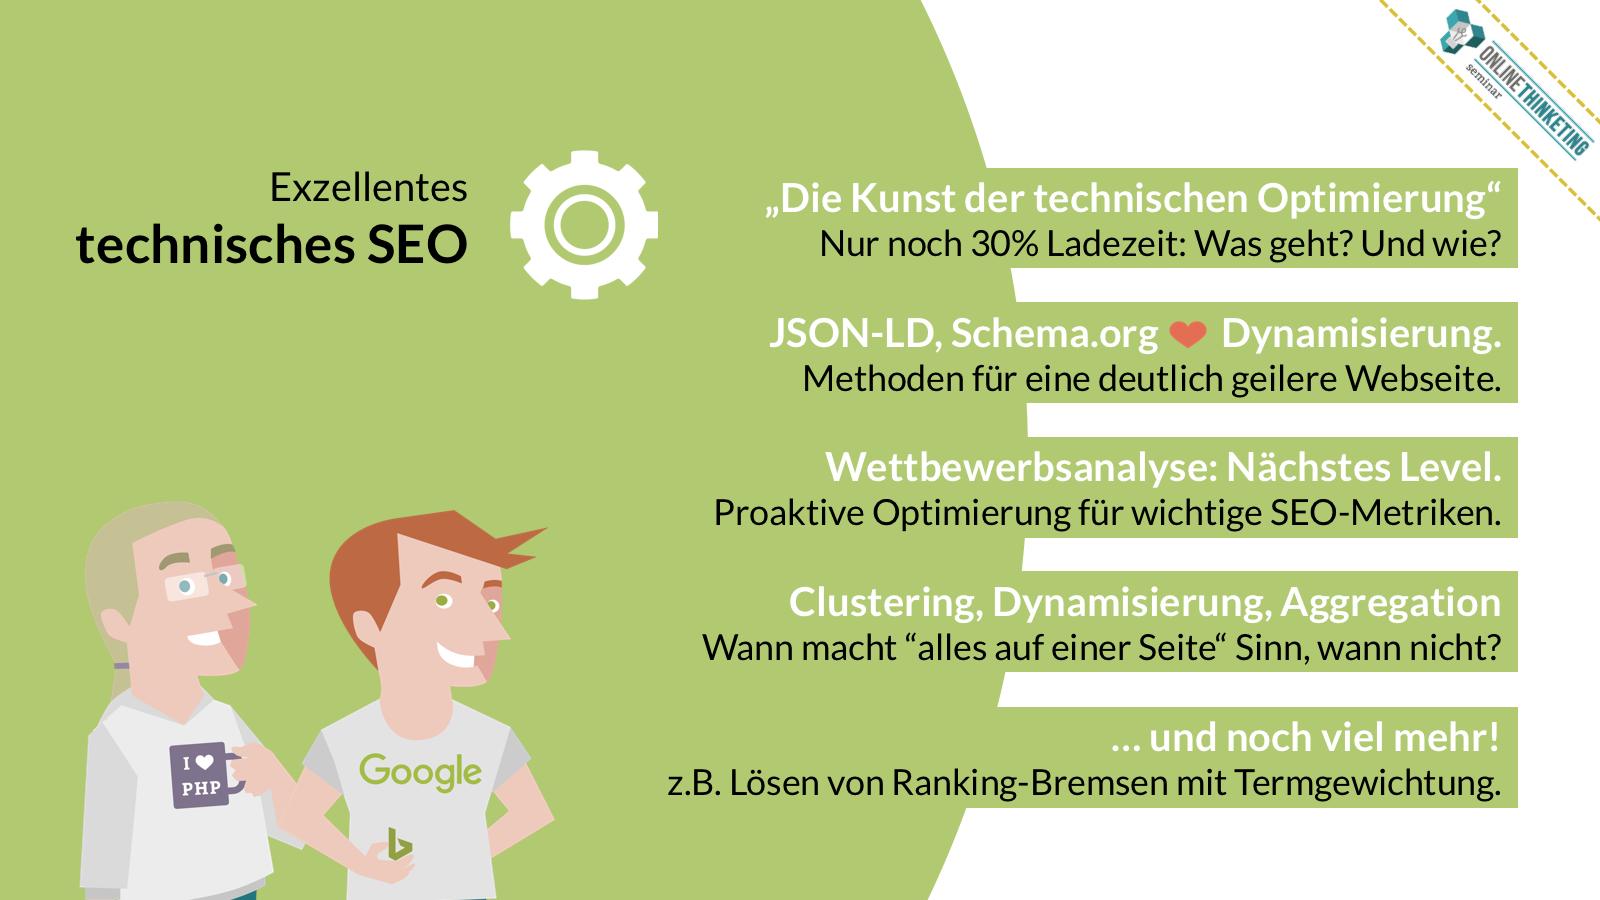 Onlinethinketing Online Marketing Seminar: Exzellentes technisches SEO und smarte digitale Inhalte.